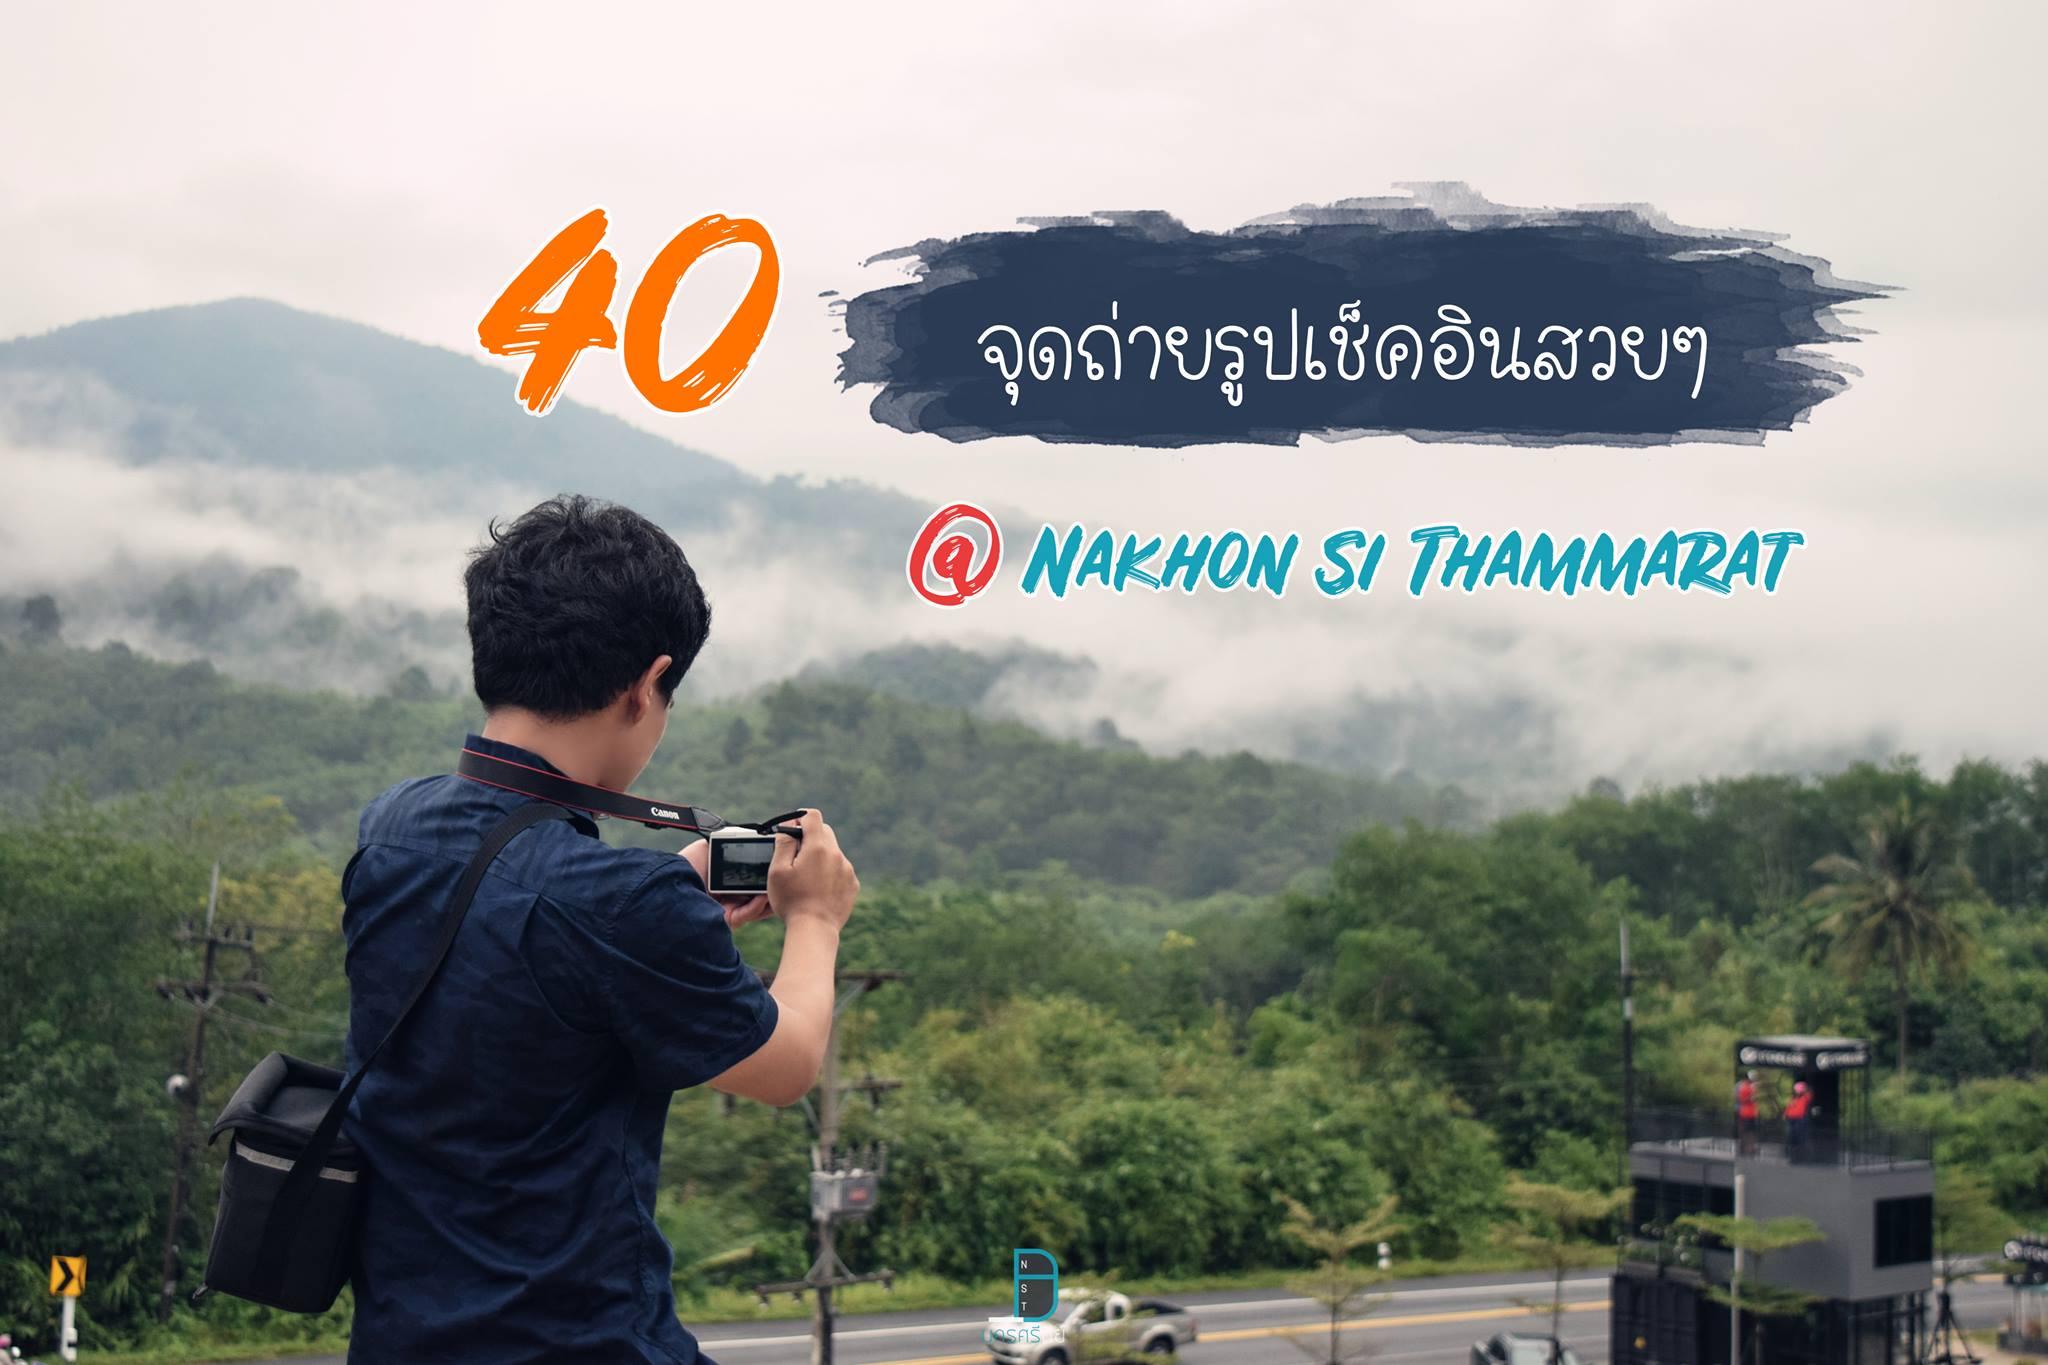 40 จุดถ่ายรูปเช็คอินสวยๆ at นครศรีธรรมราช